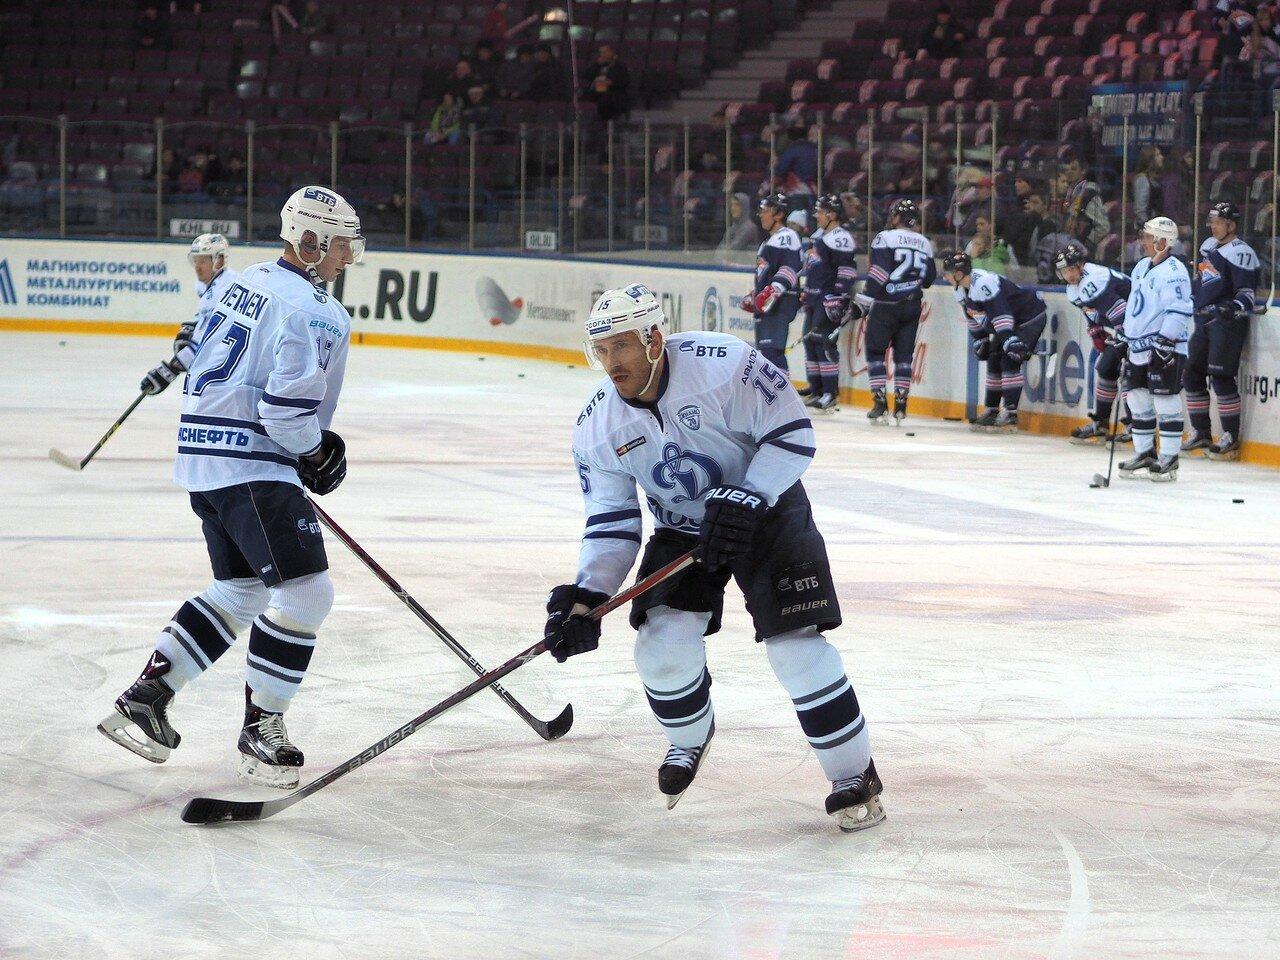 38Металлург - Динамо Москва 21.11.2016